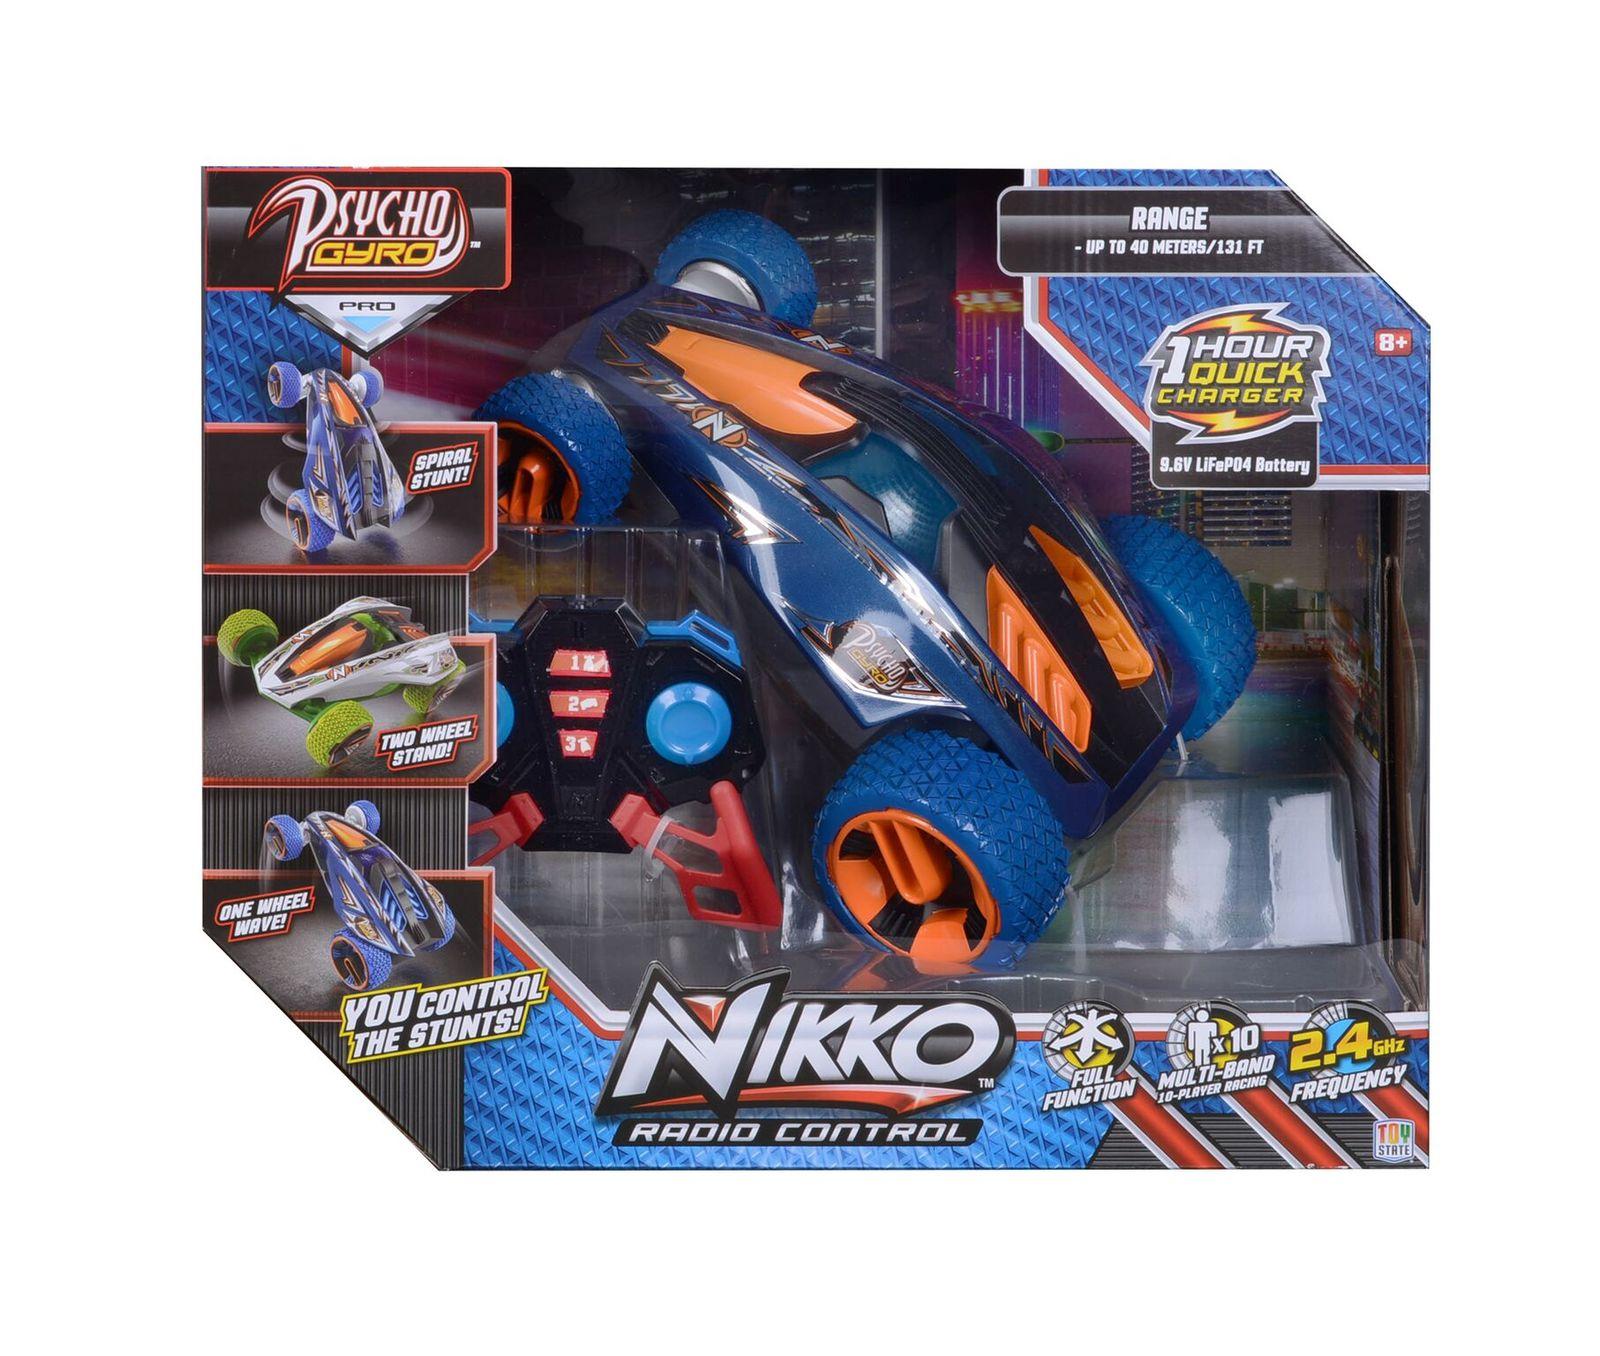 Nikko R/C - Psycho Gyro image